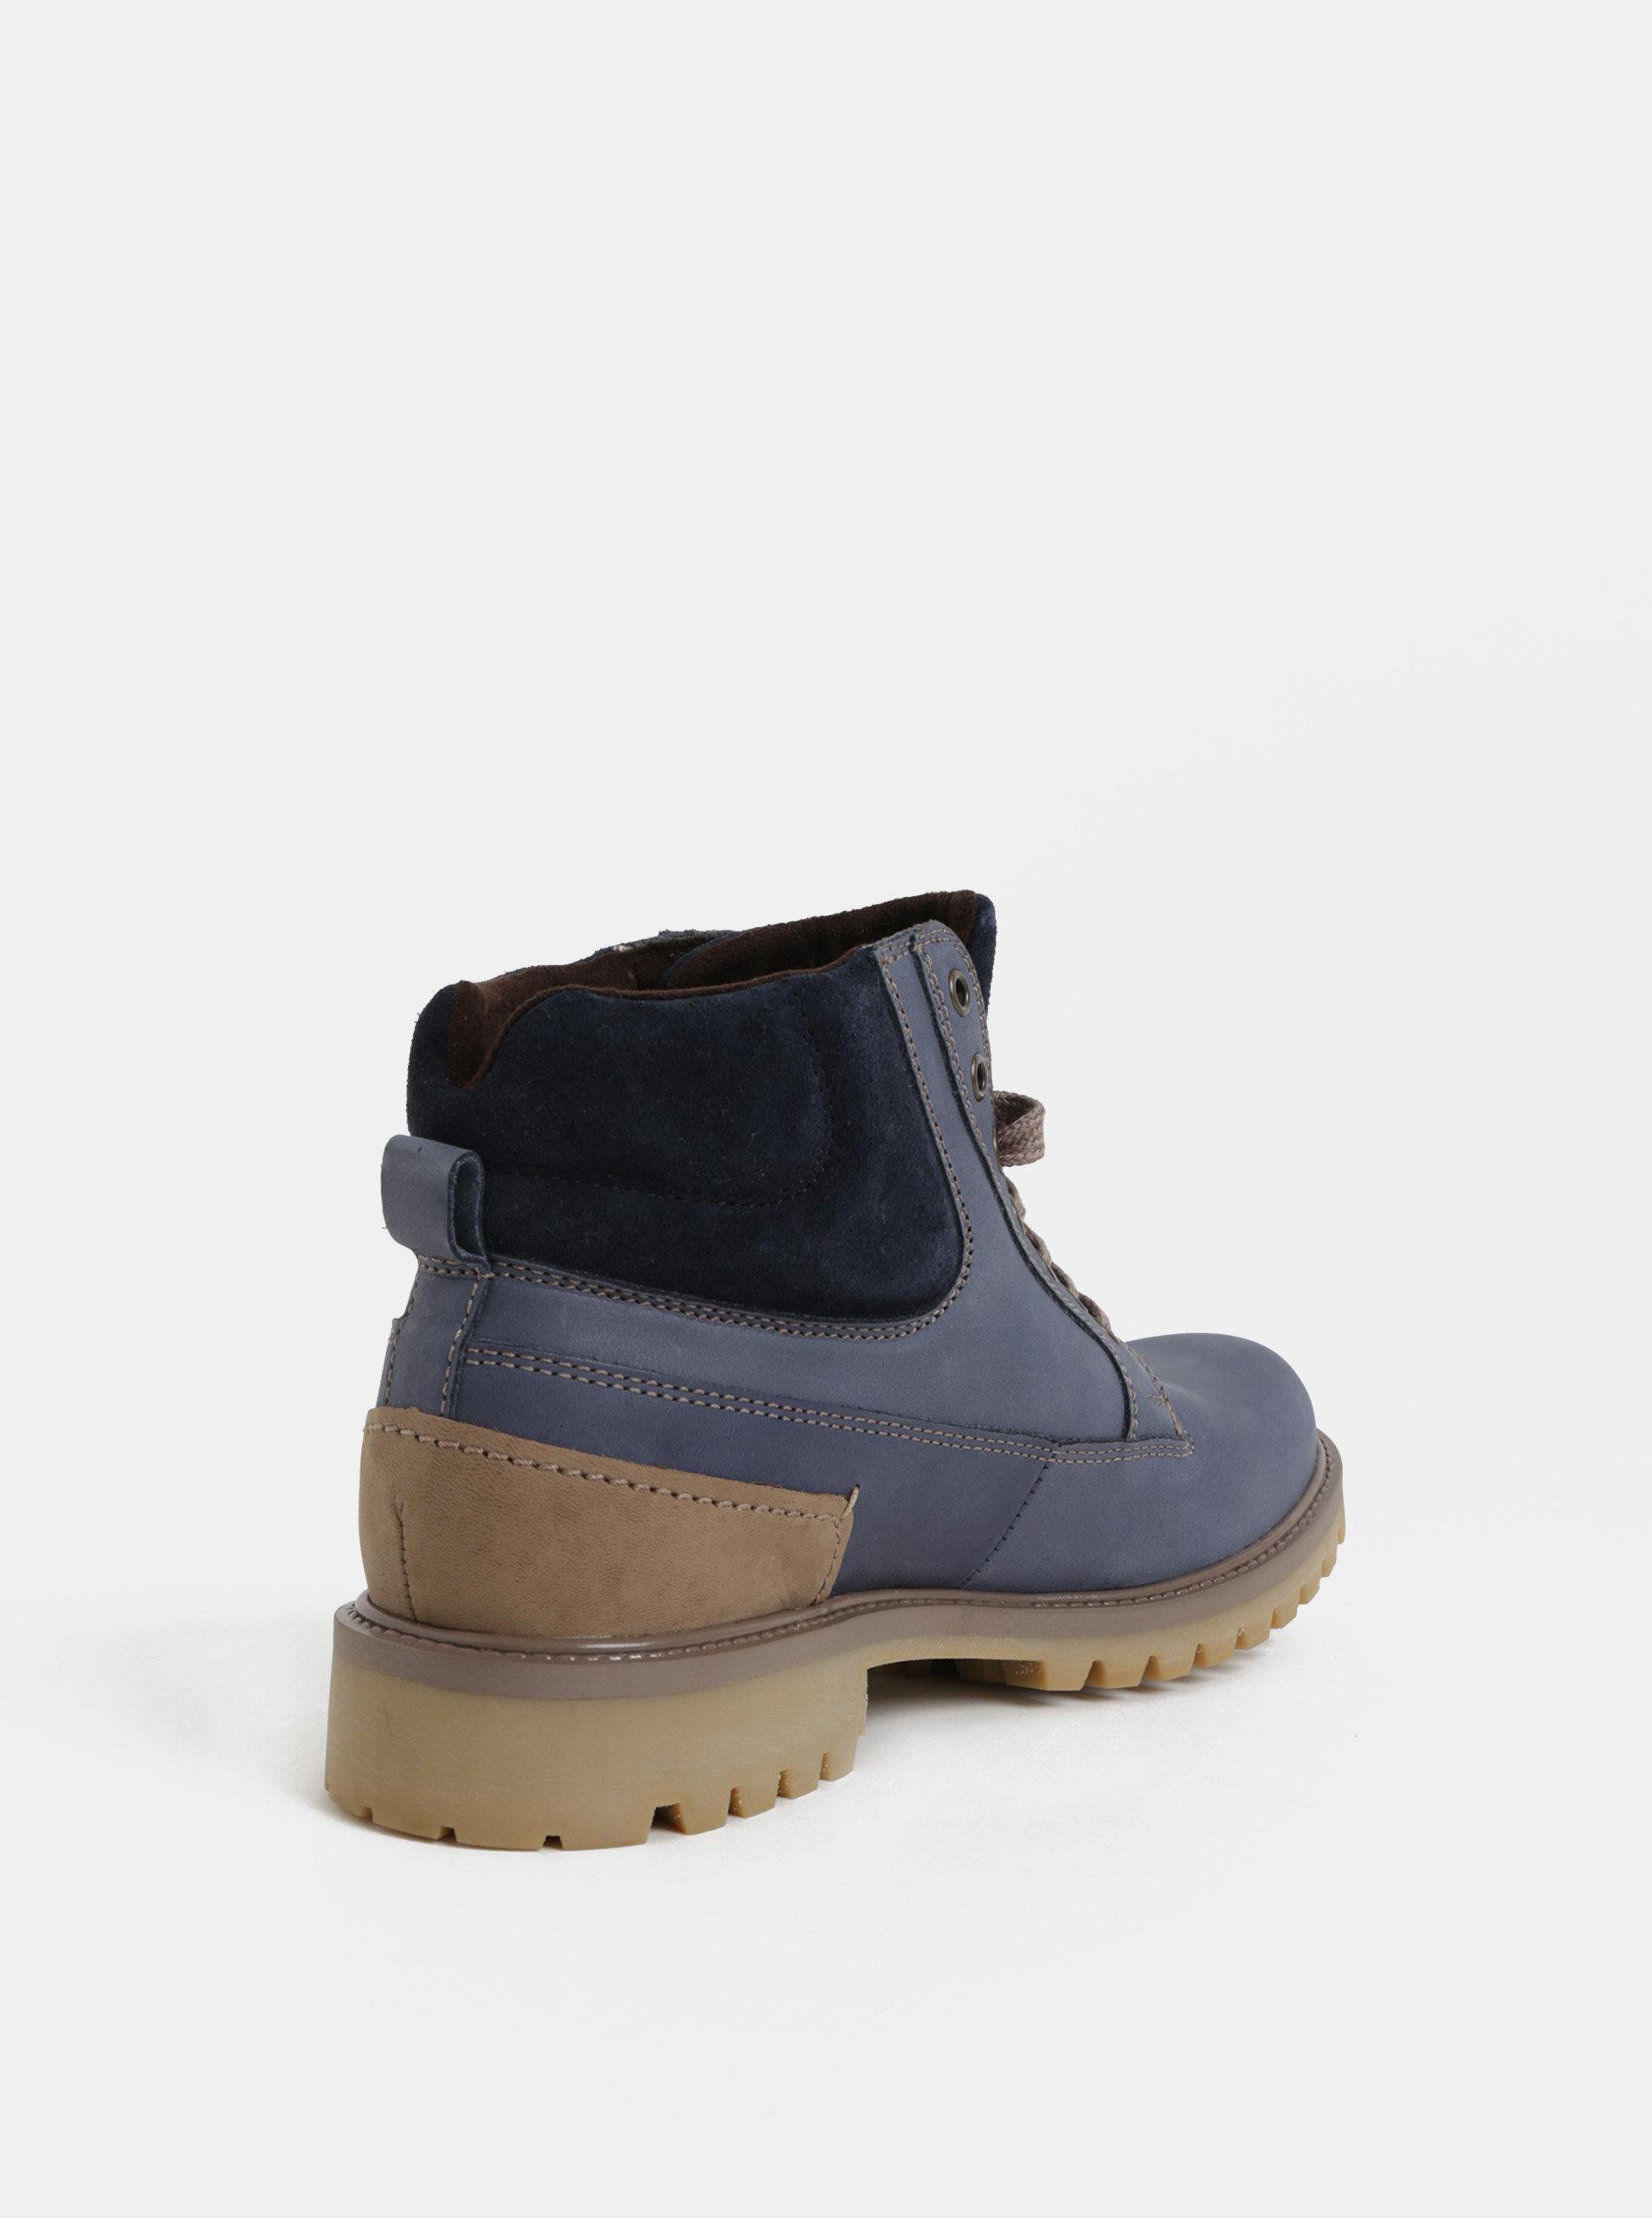 f28f5d7acbf1 Modré pánské kožené kotníkové zimní boty se semišovými detaily Weinbrenner  ...